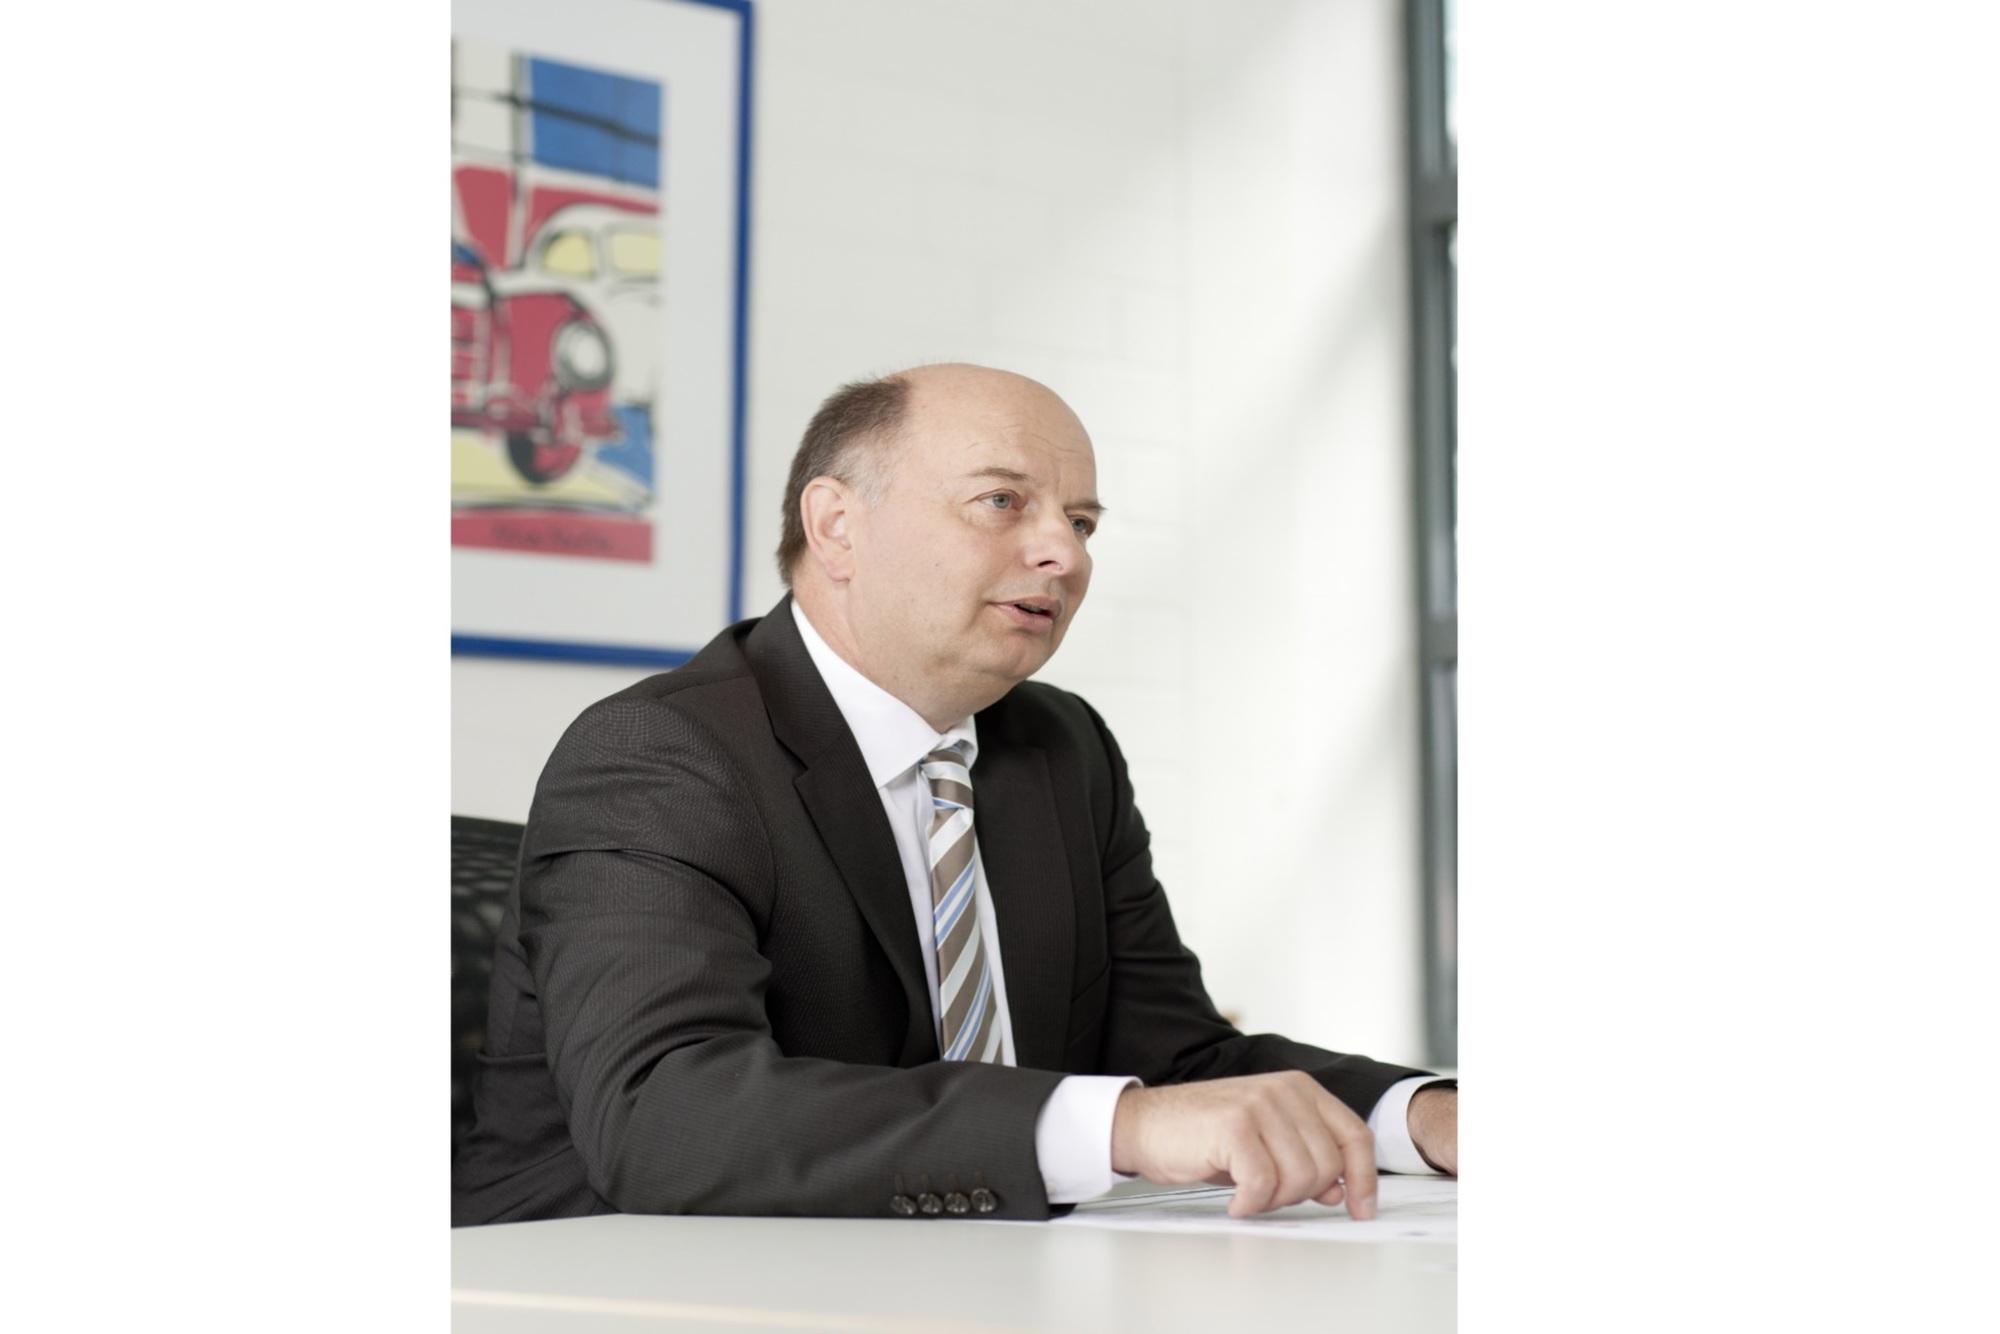 """Drei Fragen an: Dr. Uwe Ernstberger, Mercedes Benz, Leiter große Baureihen - """"Plug-in-Modelle von Mercedes müssen auf allen Straßen fahren"""""""